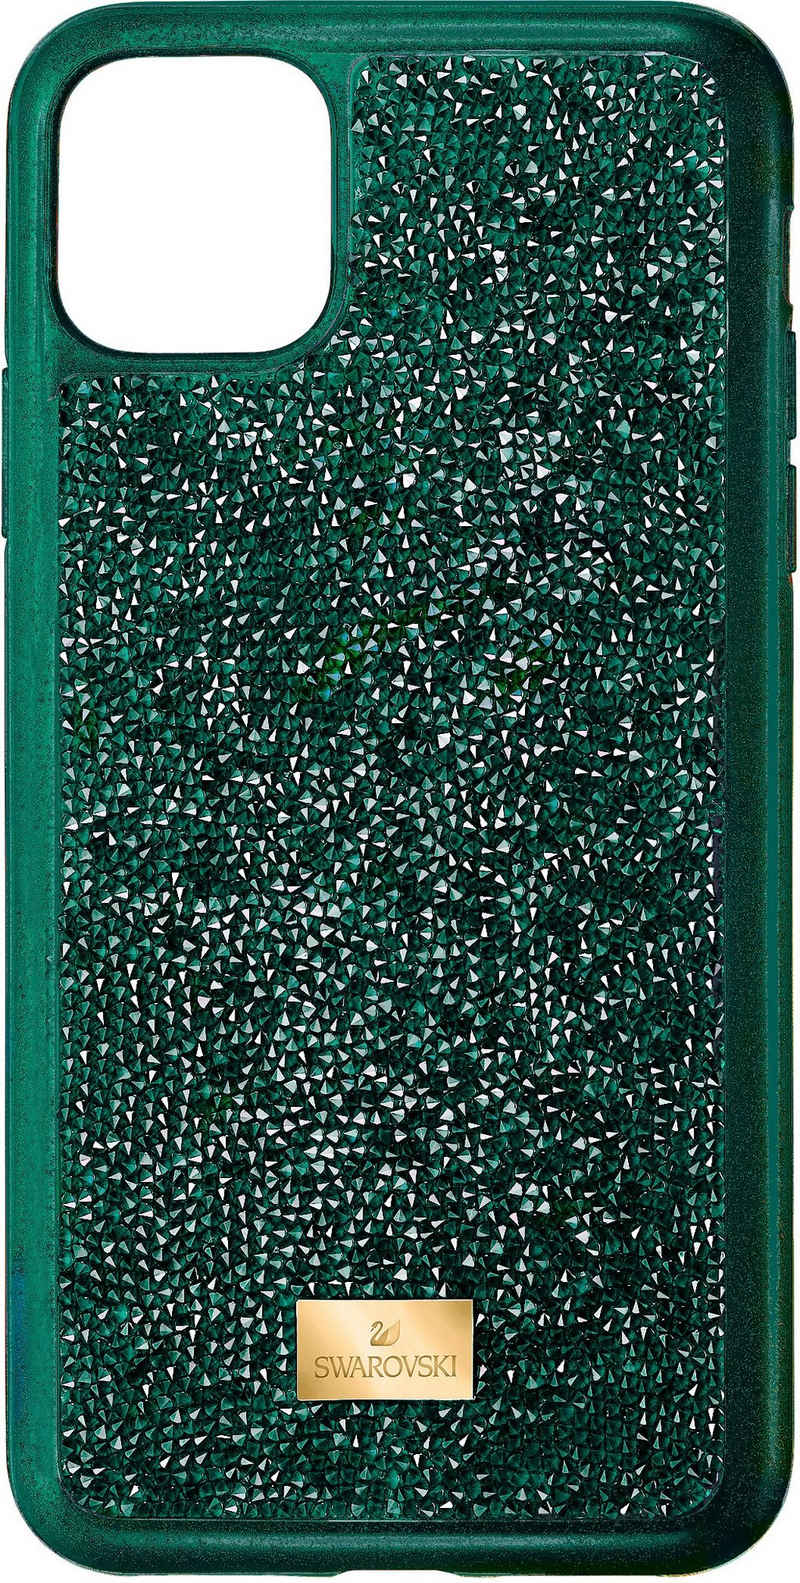 Swarovski Smartphone-Hülle »Glam Rock Smartphone Schutzhülle mit Stoßschutz, iPhone® 11 Pro Max, grün, 5552654« iPhone® 11 Pro Max, mit Swarovski® Kristallen